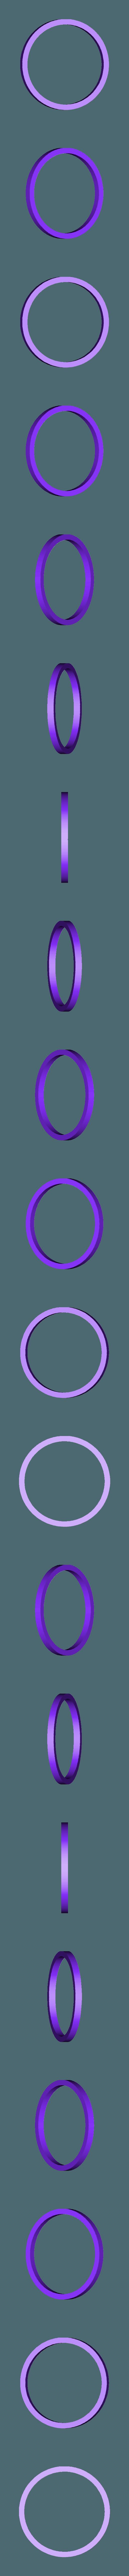 filter ring.stl Télécharger fichier STL gratuit Masque facial avec filtre interchangeable - COVID19 • Plan pour imprimante 3D, LetsPrintYT